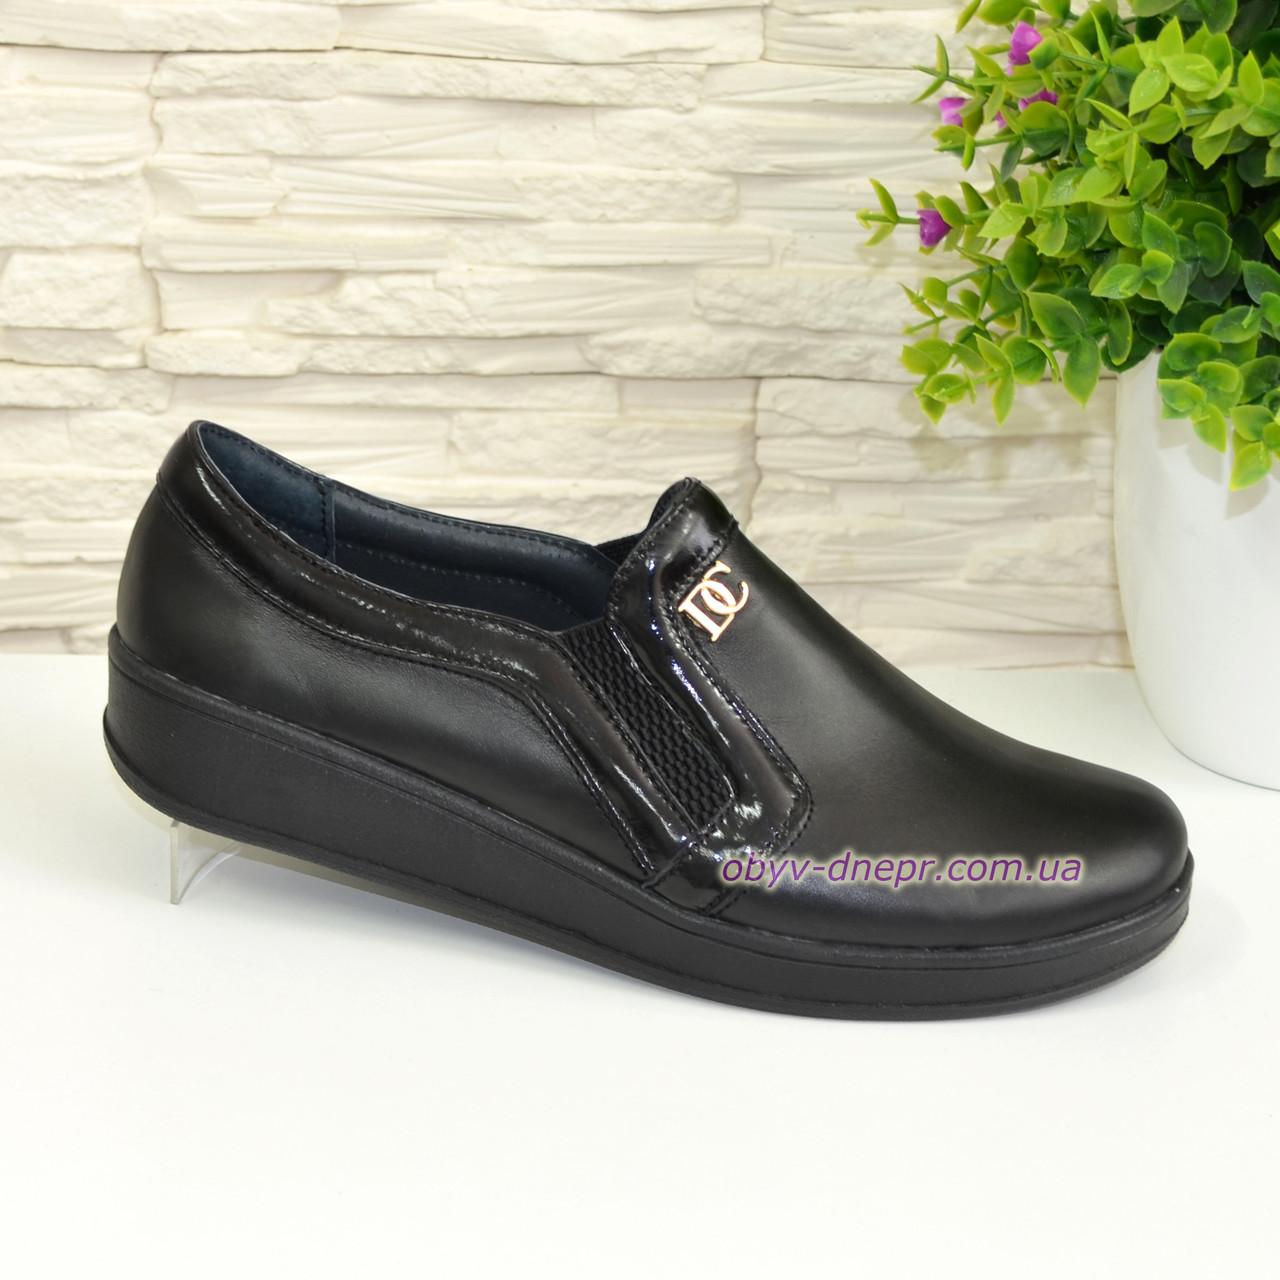 Кожаные черные женские туфли на утолщенной подошве